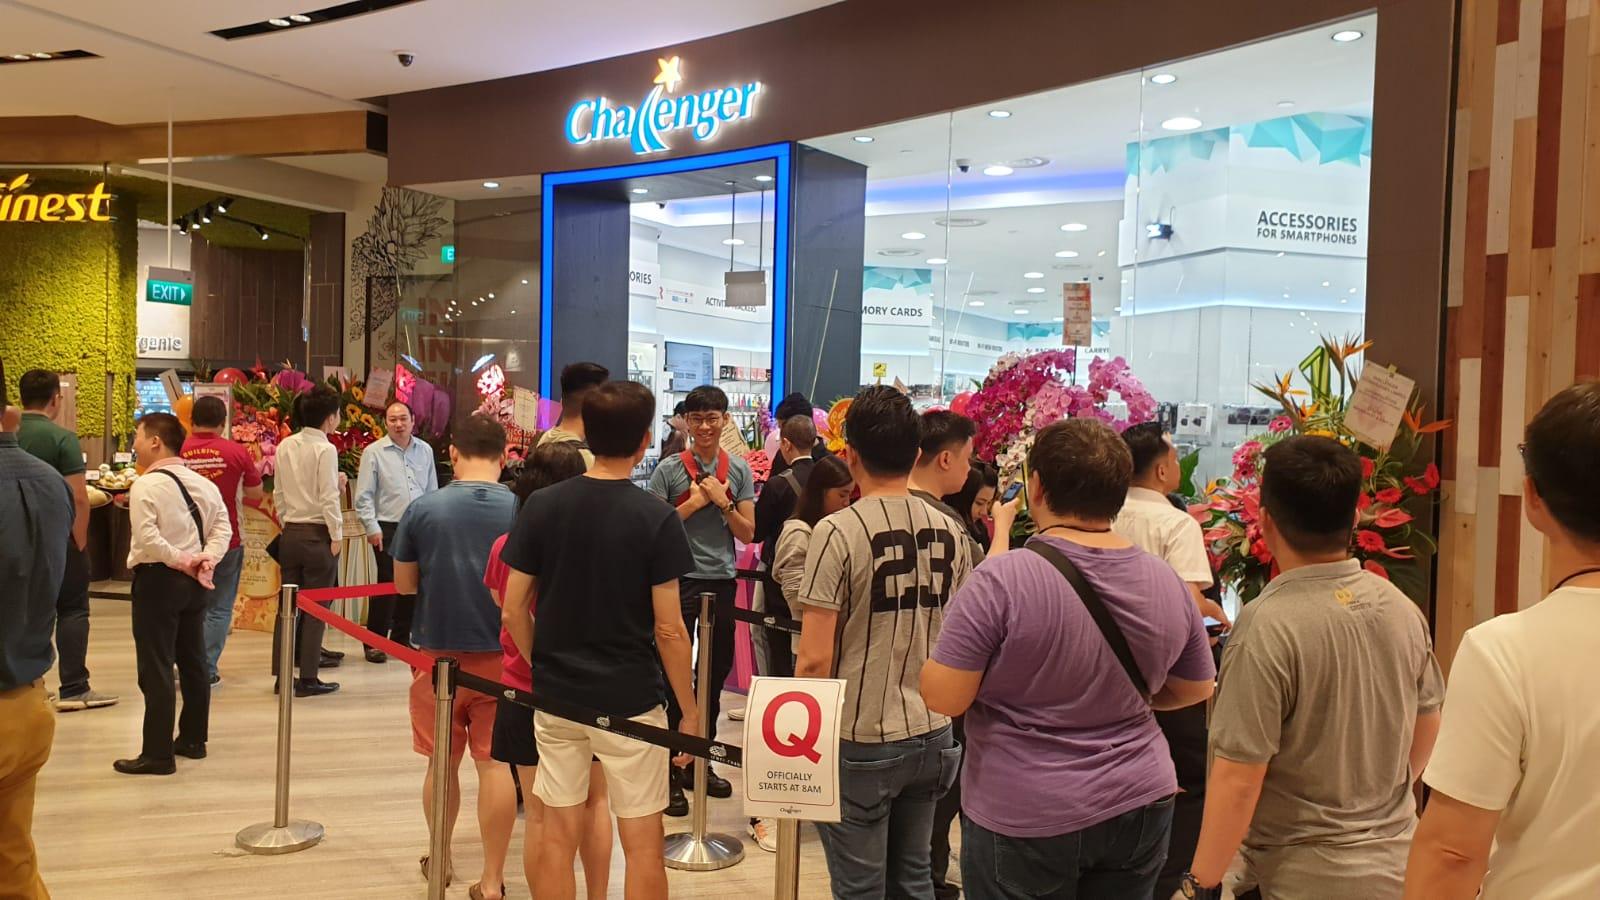 Challenger queues